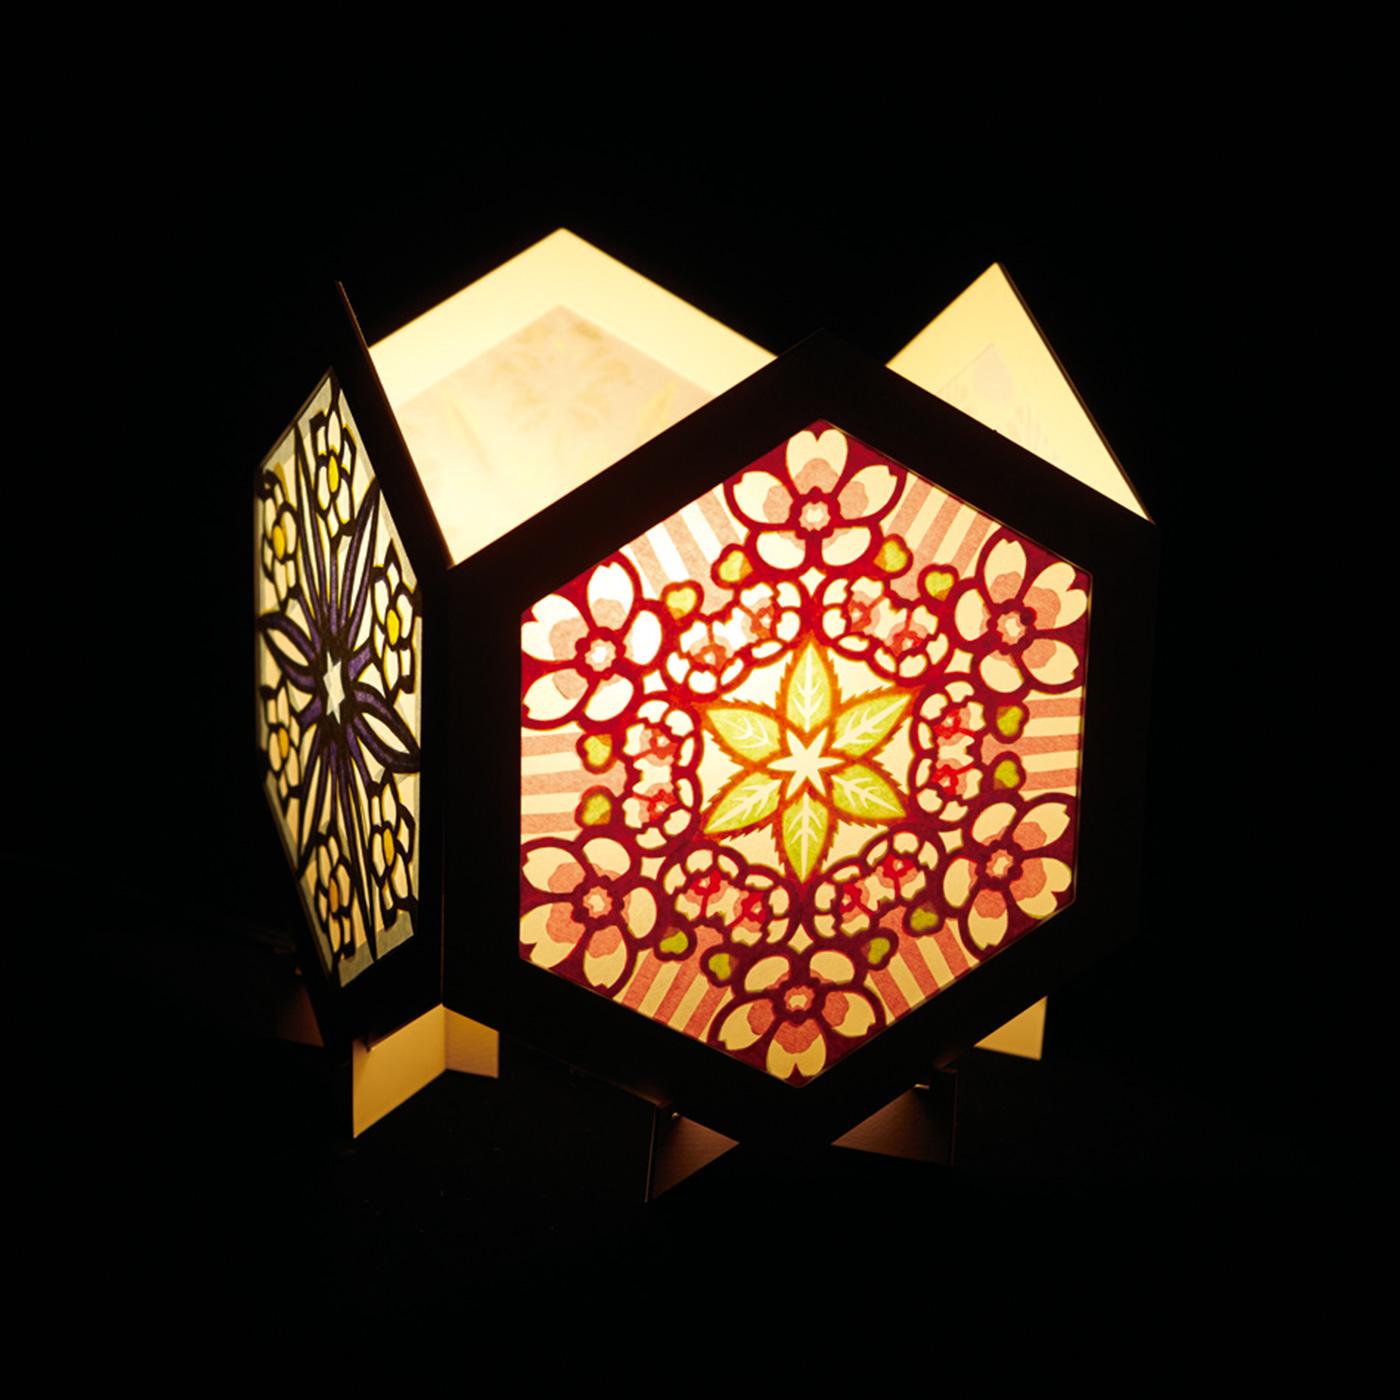 作品を4つ箱型につなげてLEDライトを入れれば、ランプシェードに。